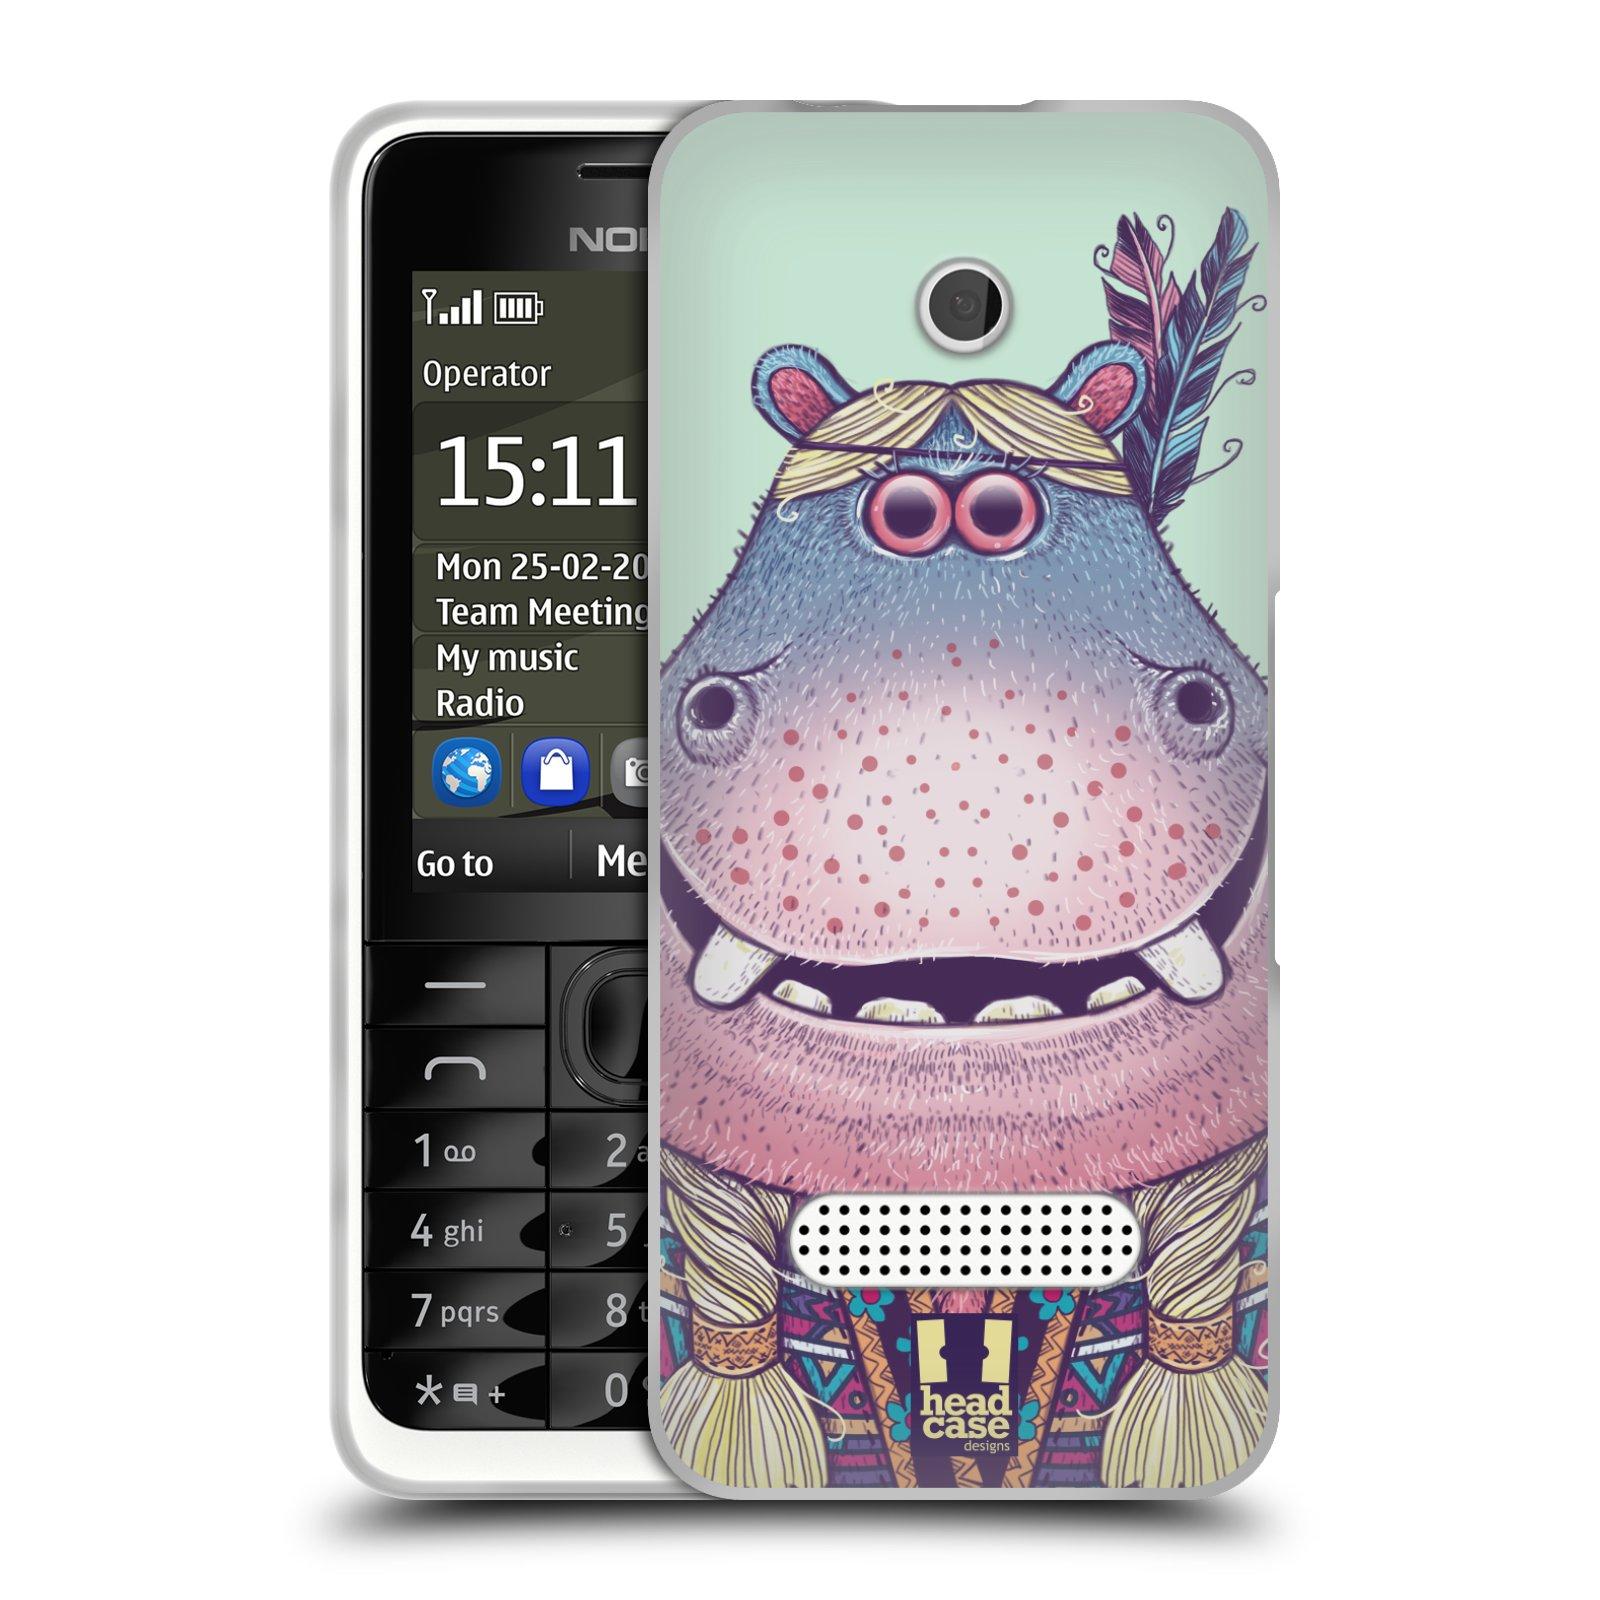 HEAD CASE silikonový obal na mobil NOKIA 301 vzor Kreslená zvířátka hroch